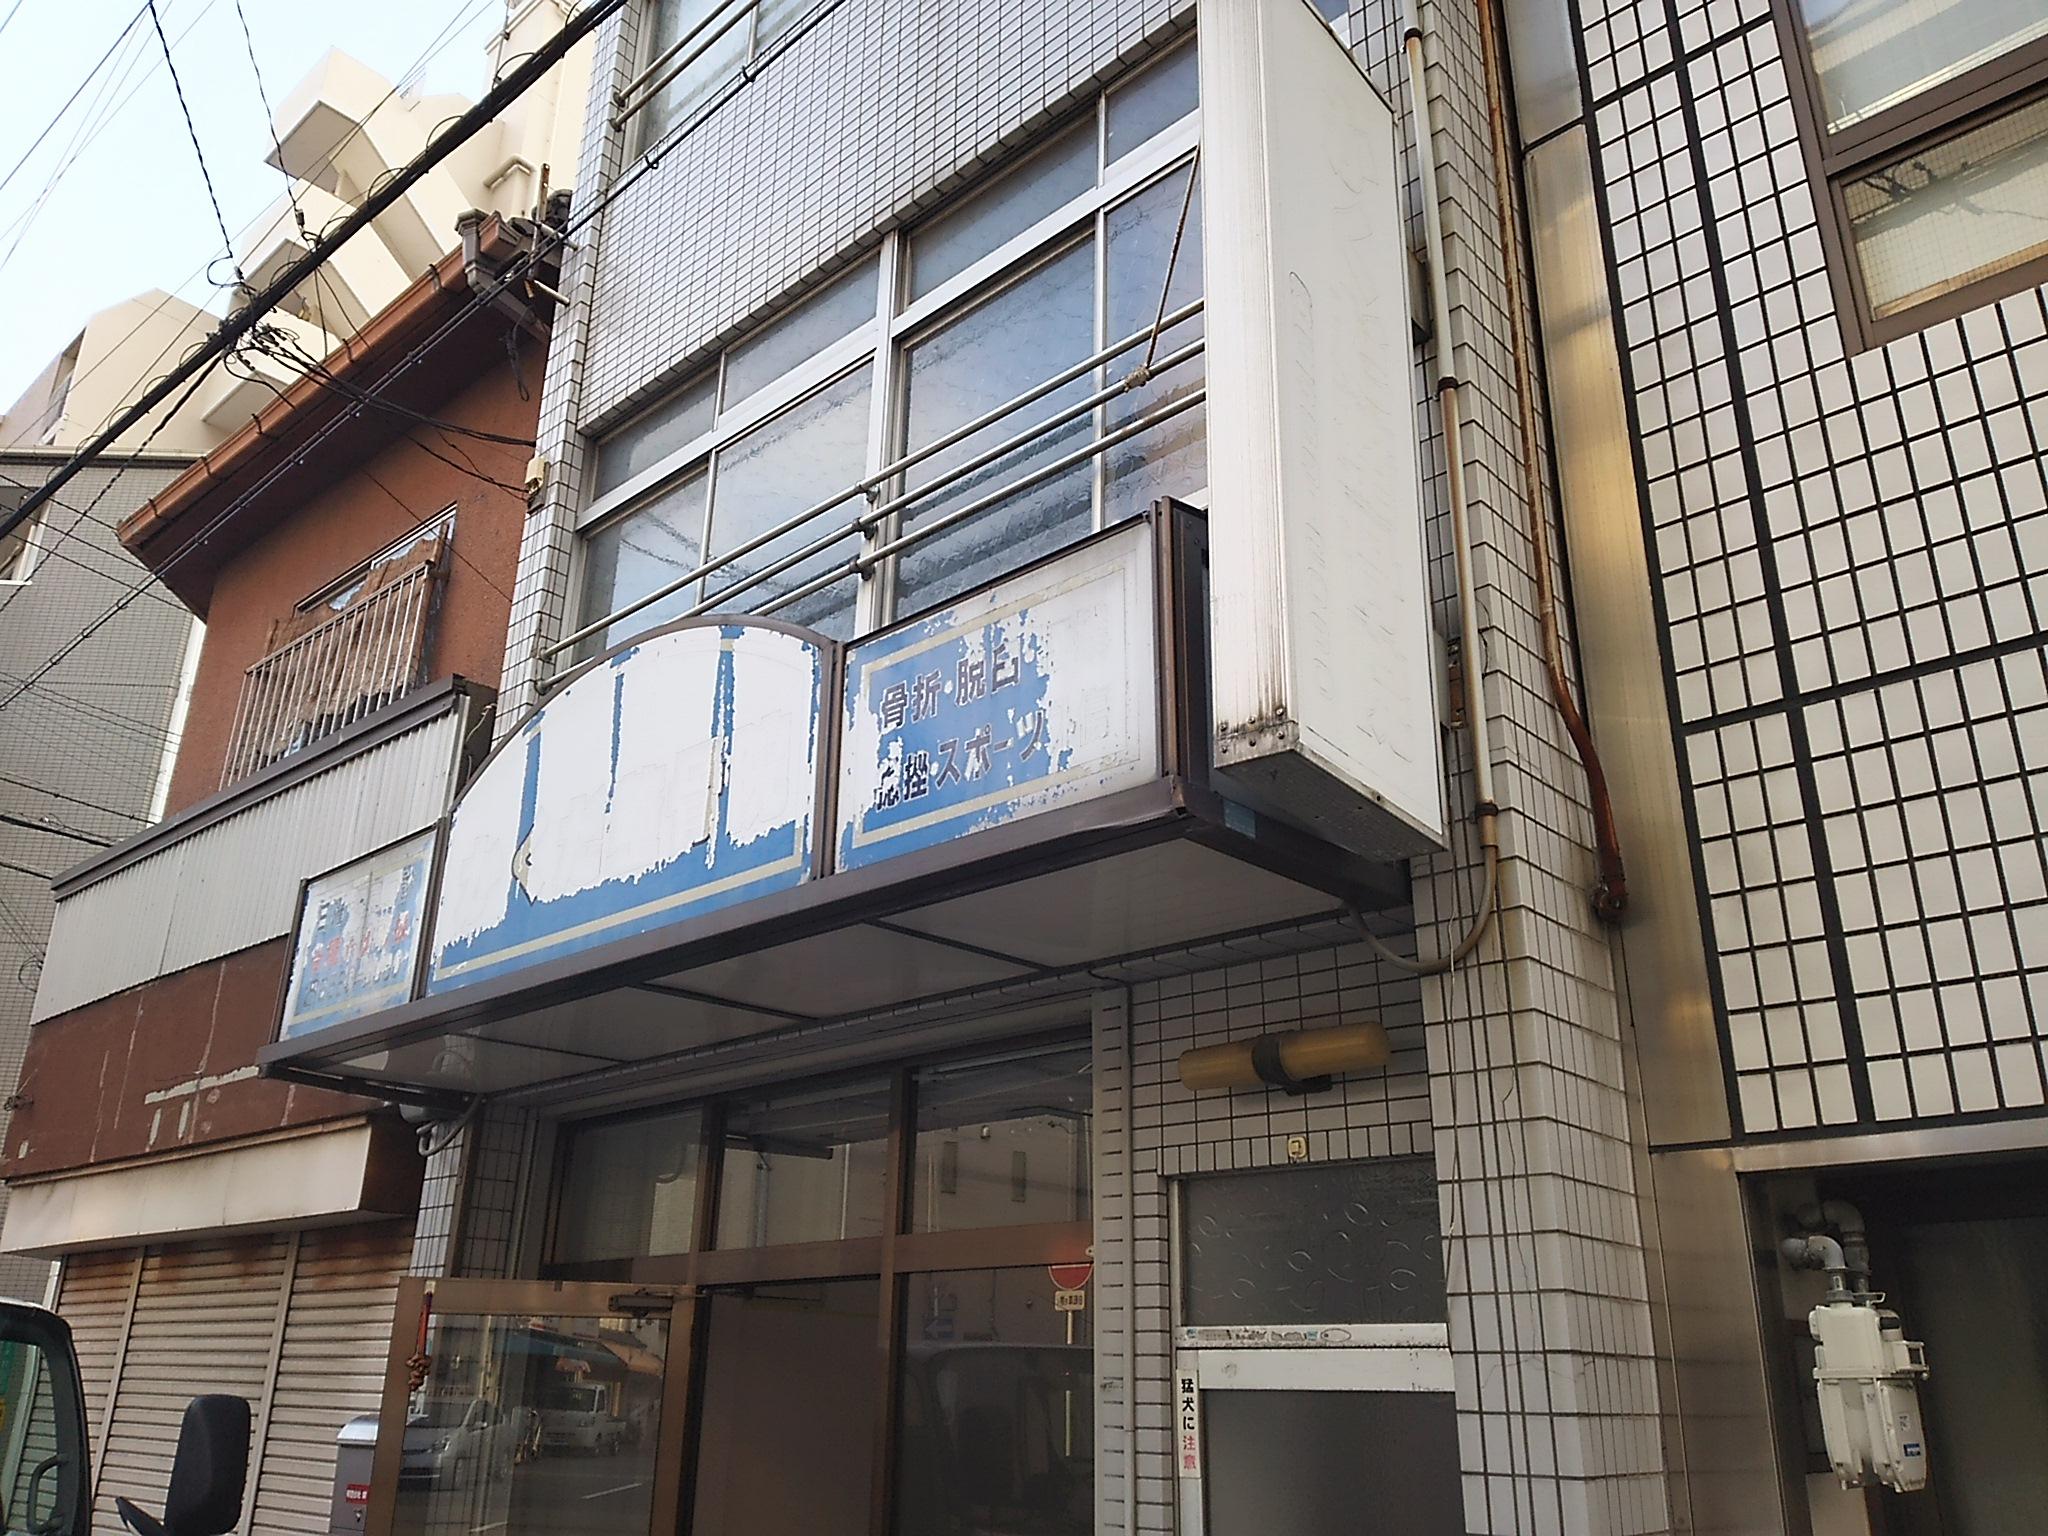 大阪市港区 たかし整骨院新装工事1